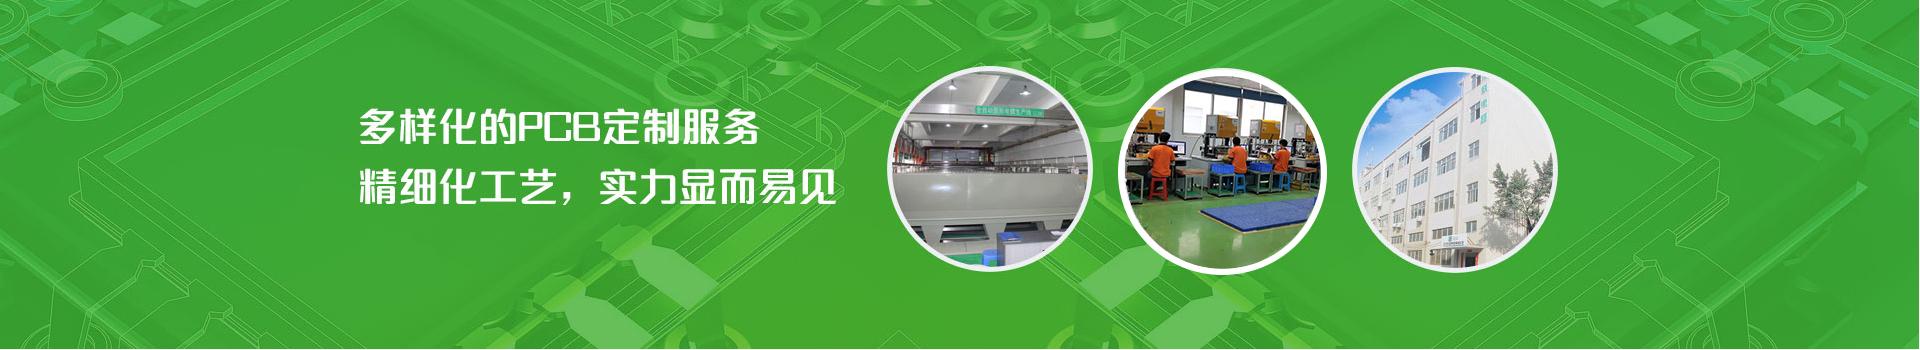 宏联电路-多样化的PCB定制服务,精细化工艺,实力显而易见